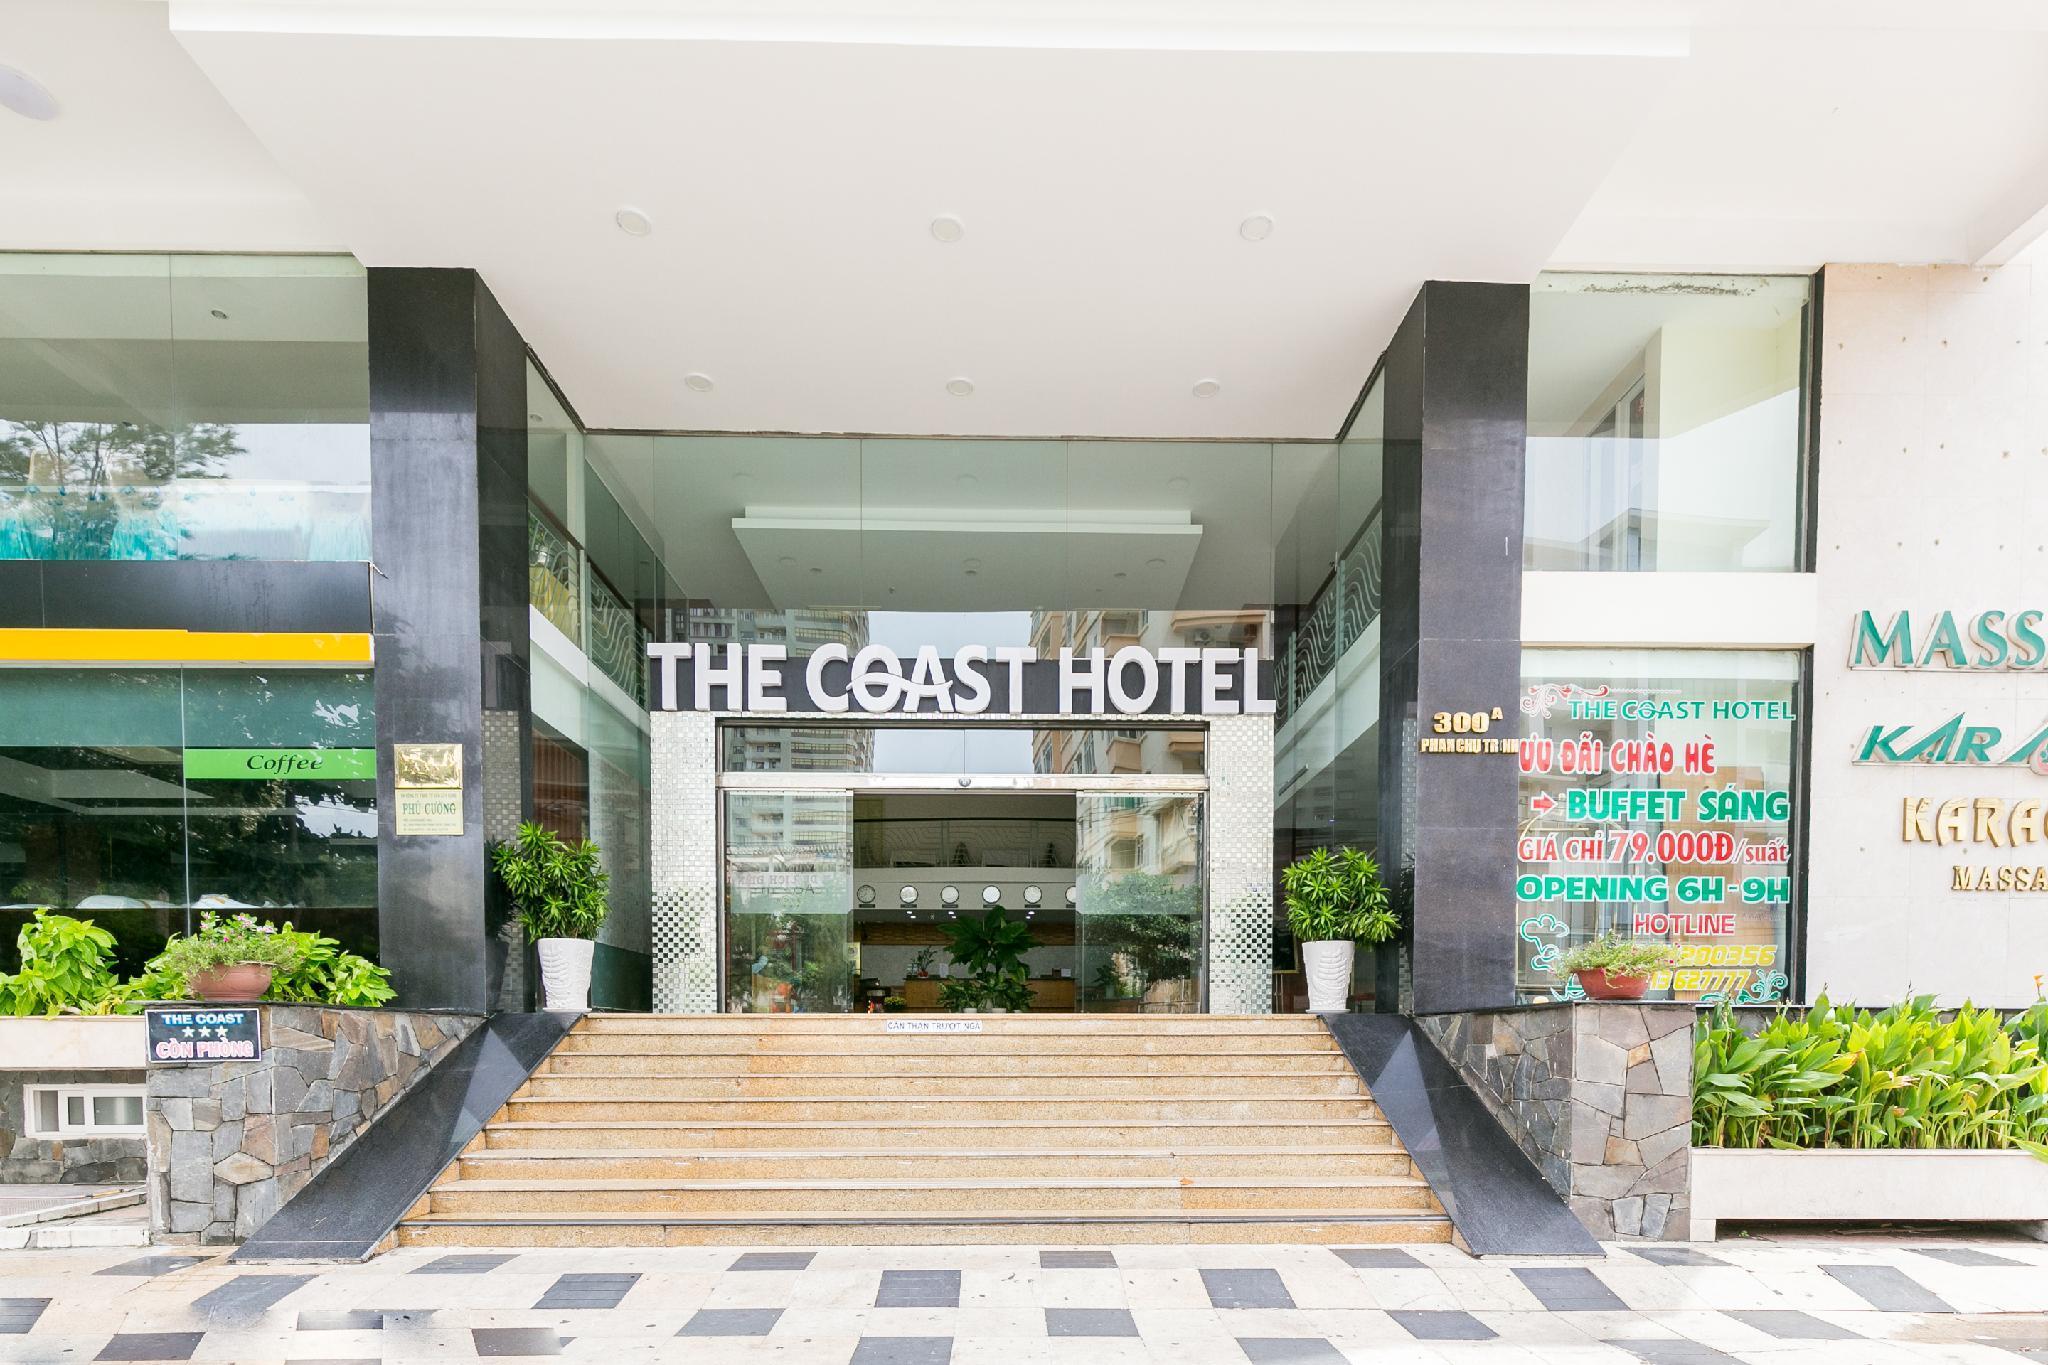 7S Hotel The Coast Vung Tau